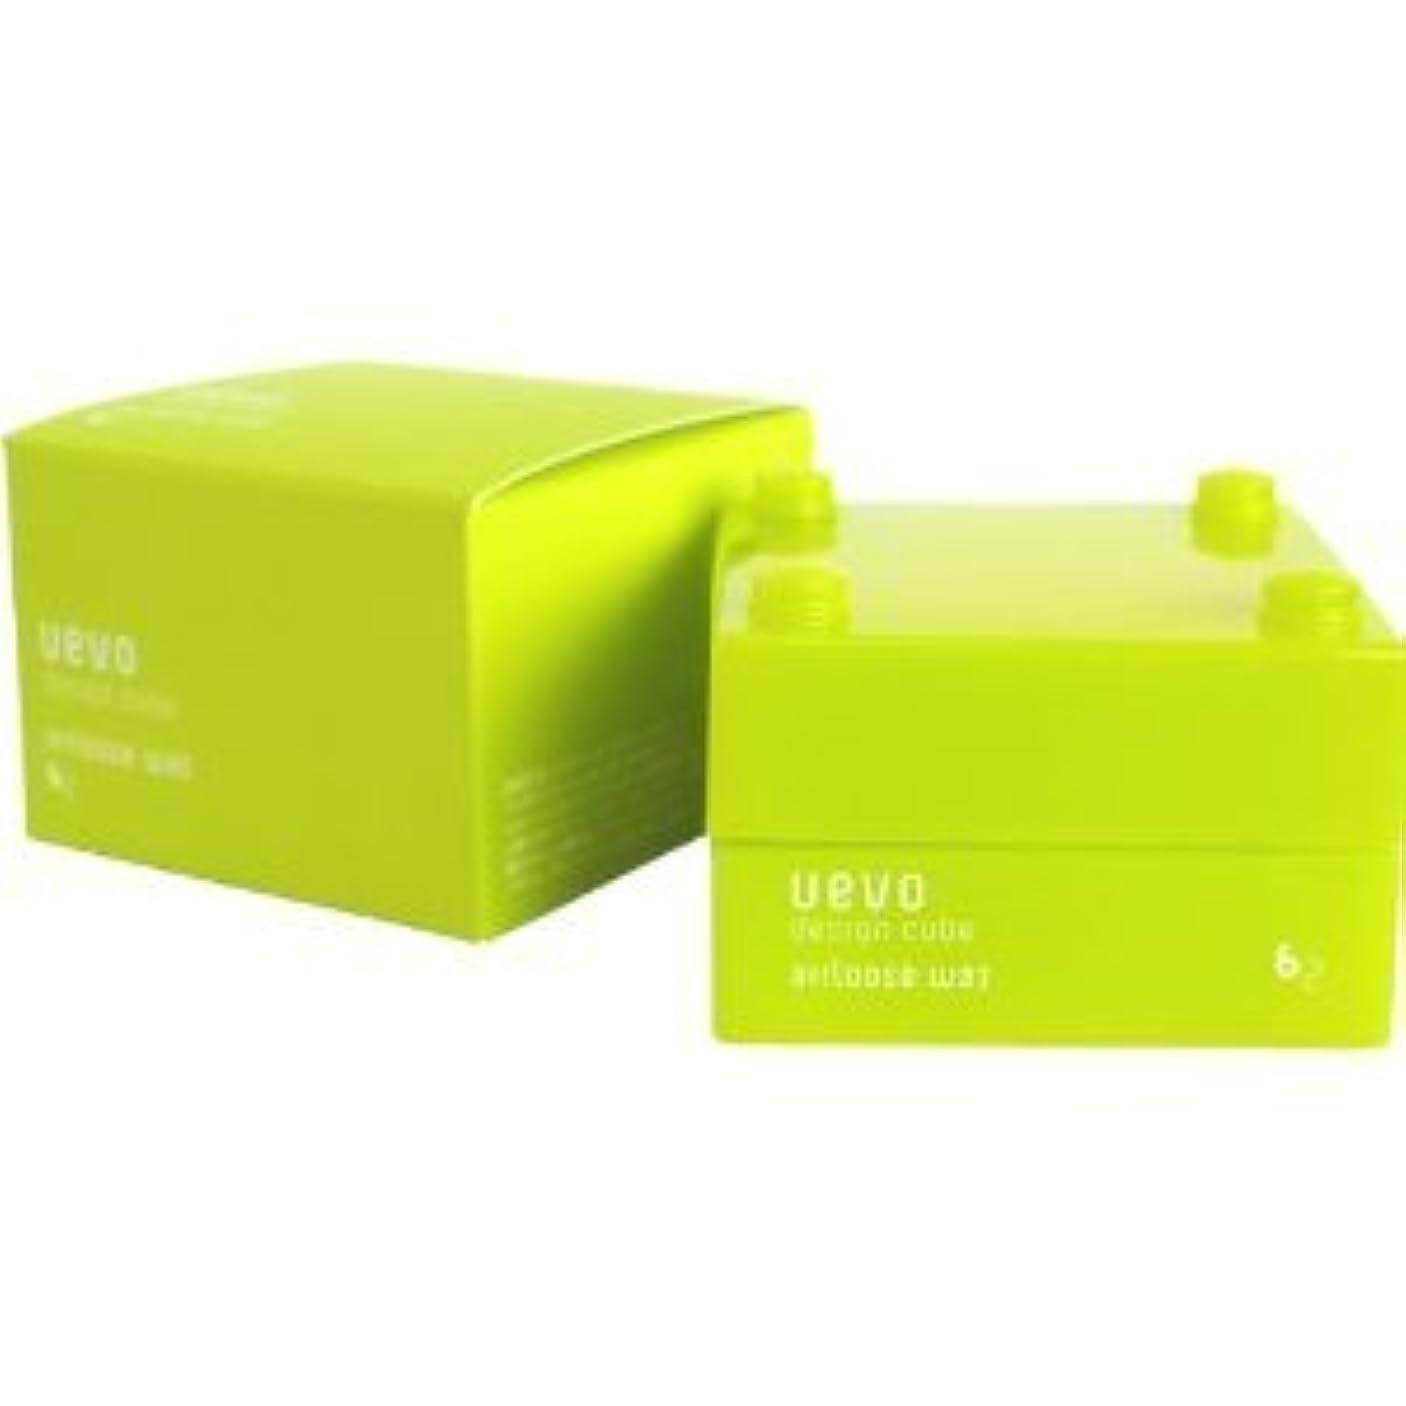 納屋モバイルさておき【X2個セット】 デミ ウェーボ デザインキューブ エアルーズワックス 30g airloose wax DEMI uevo design cube